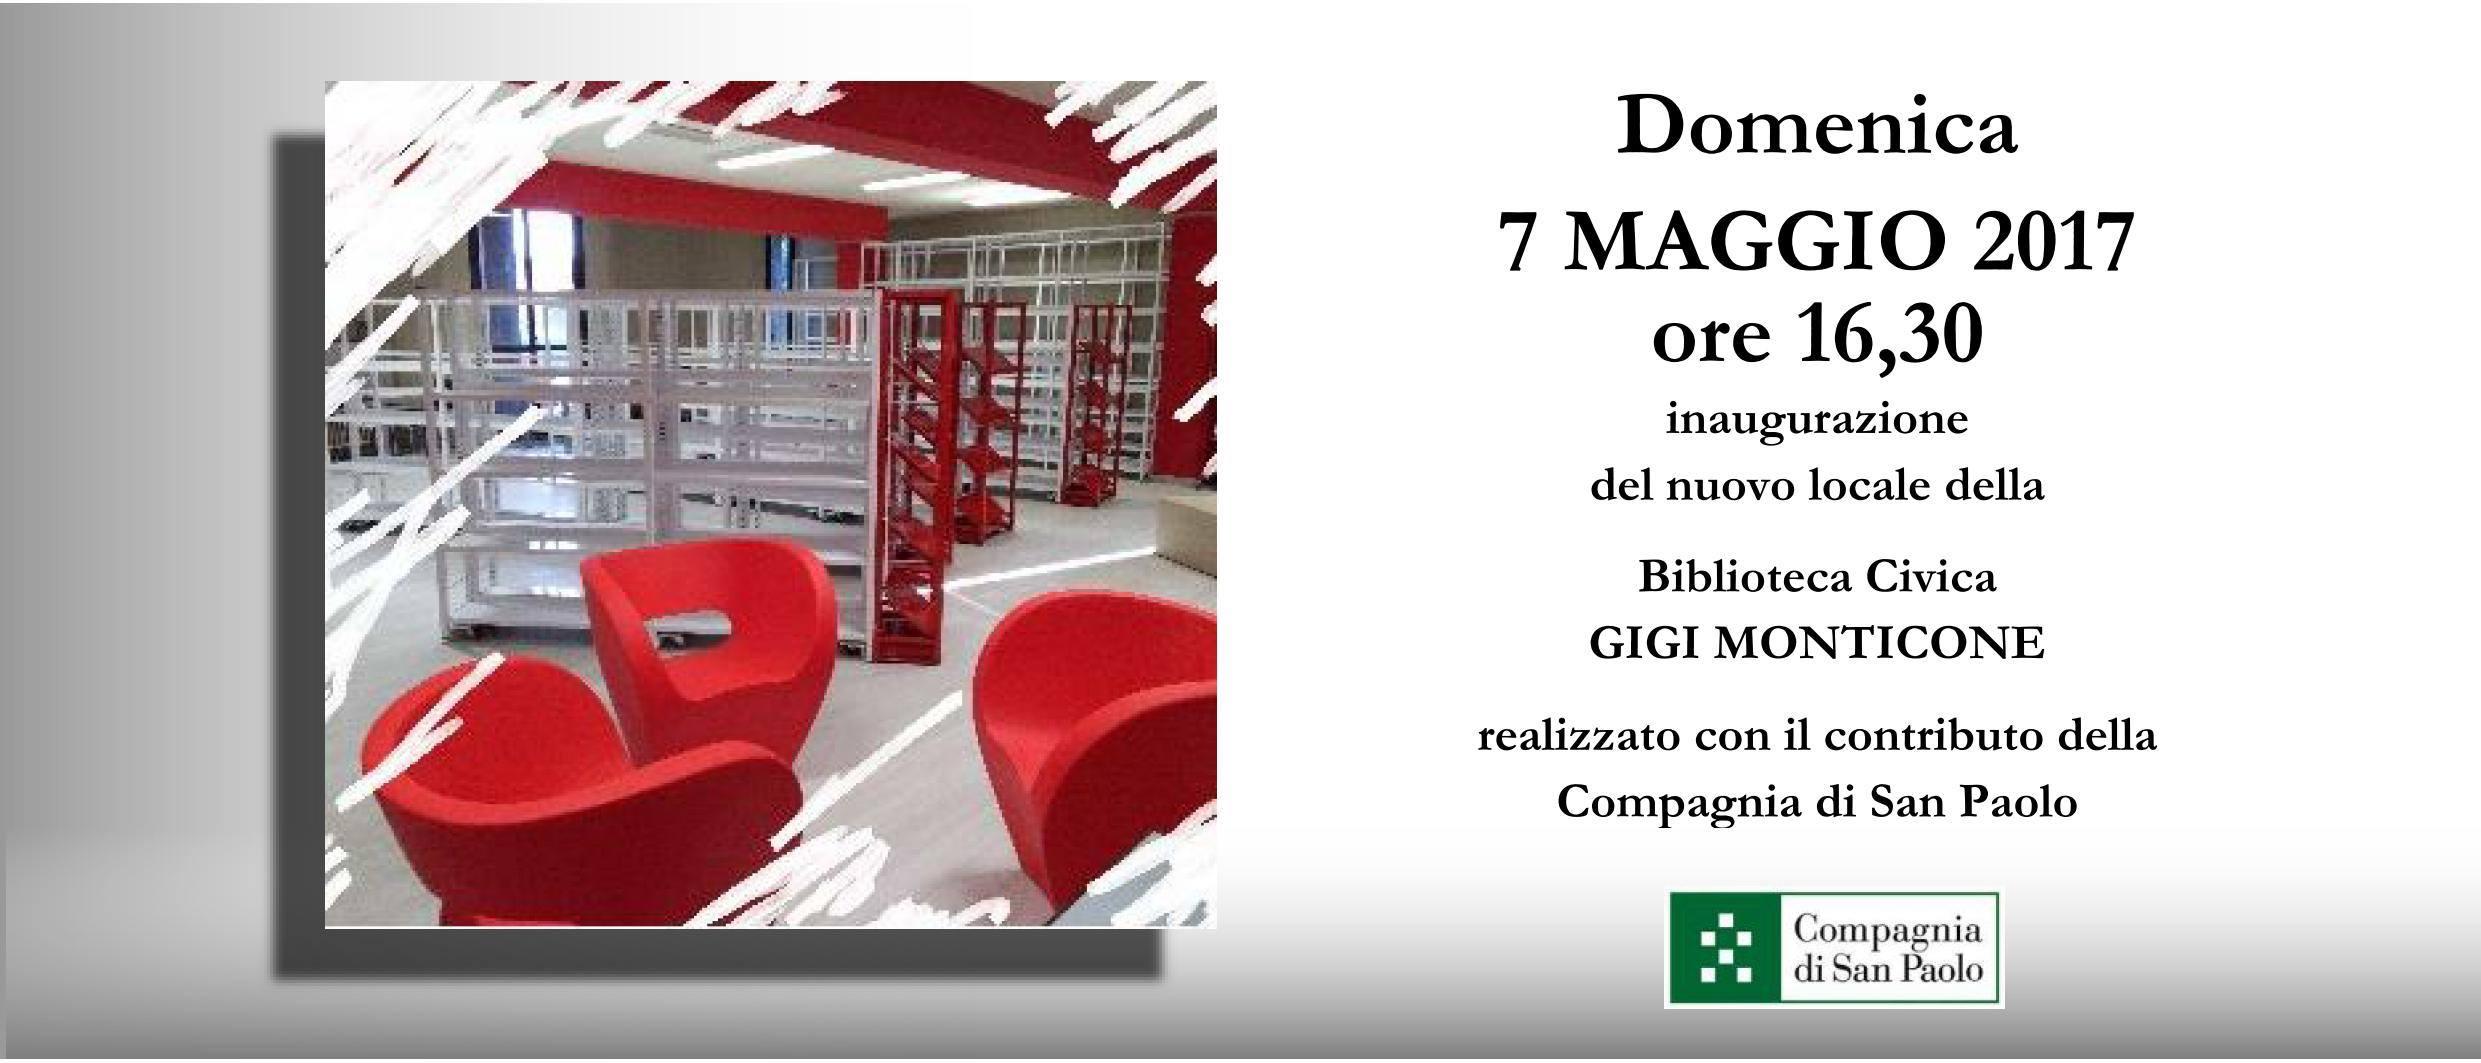 Inaugurazione nuovi locali della Biblioteca Civica Monticone di Canelli